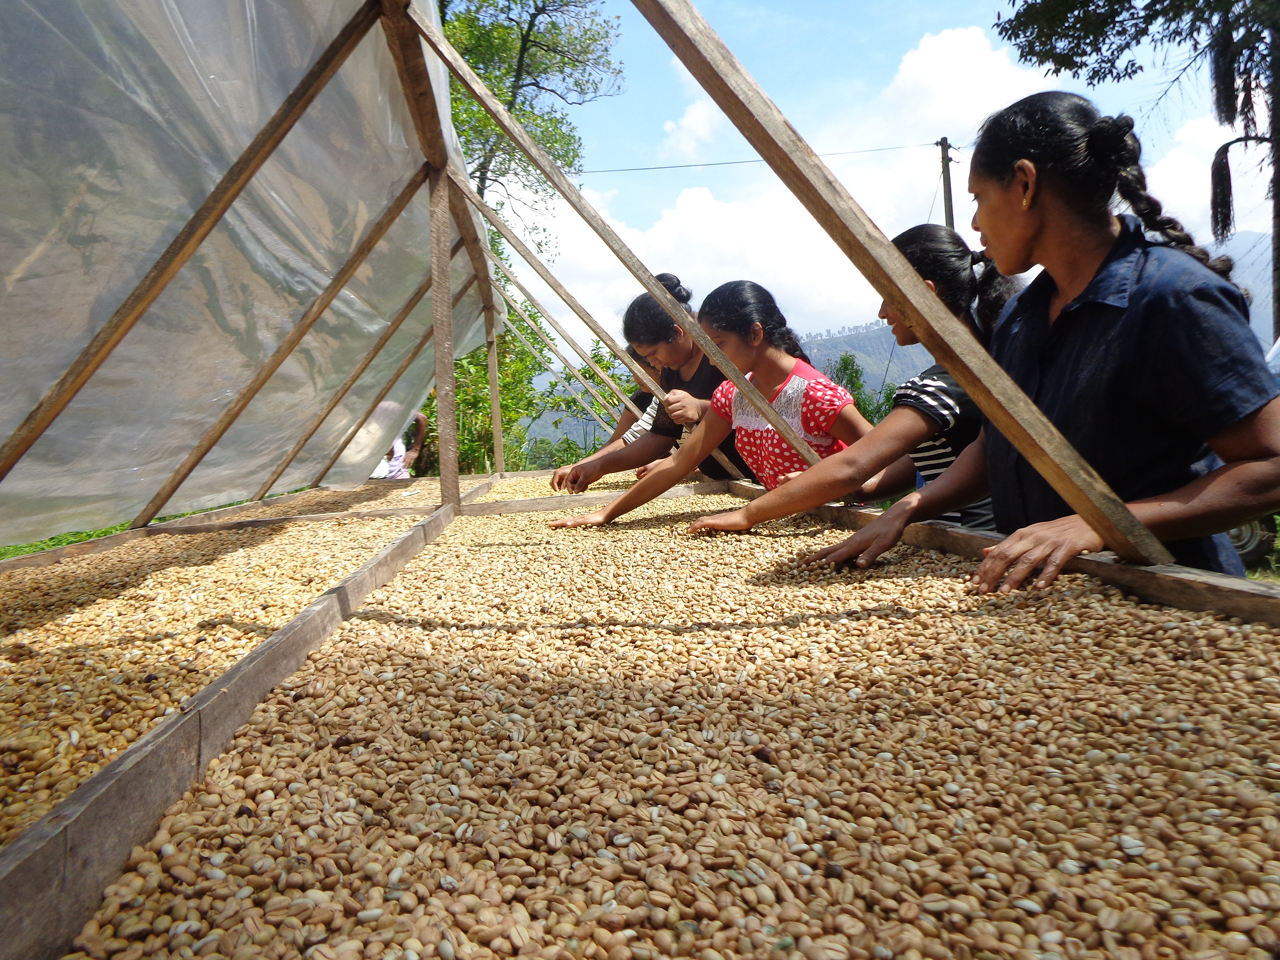 【特別企画】スリランカ航空で行く『Natural Coffee』×『スリランカ案内人うっちゃん』コラボプロデュースツアー「セイロンコーヒーを巡る旅」6日間(4泊6日)